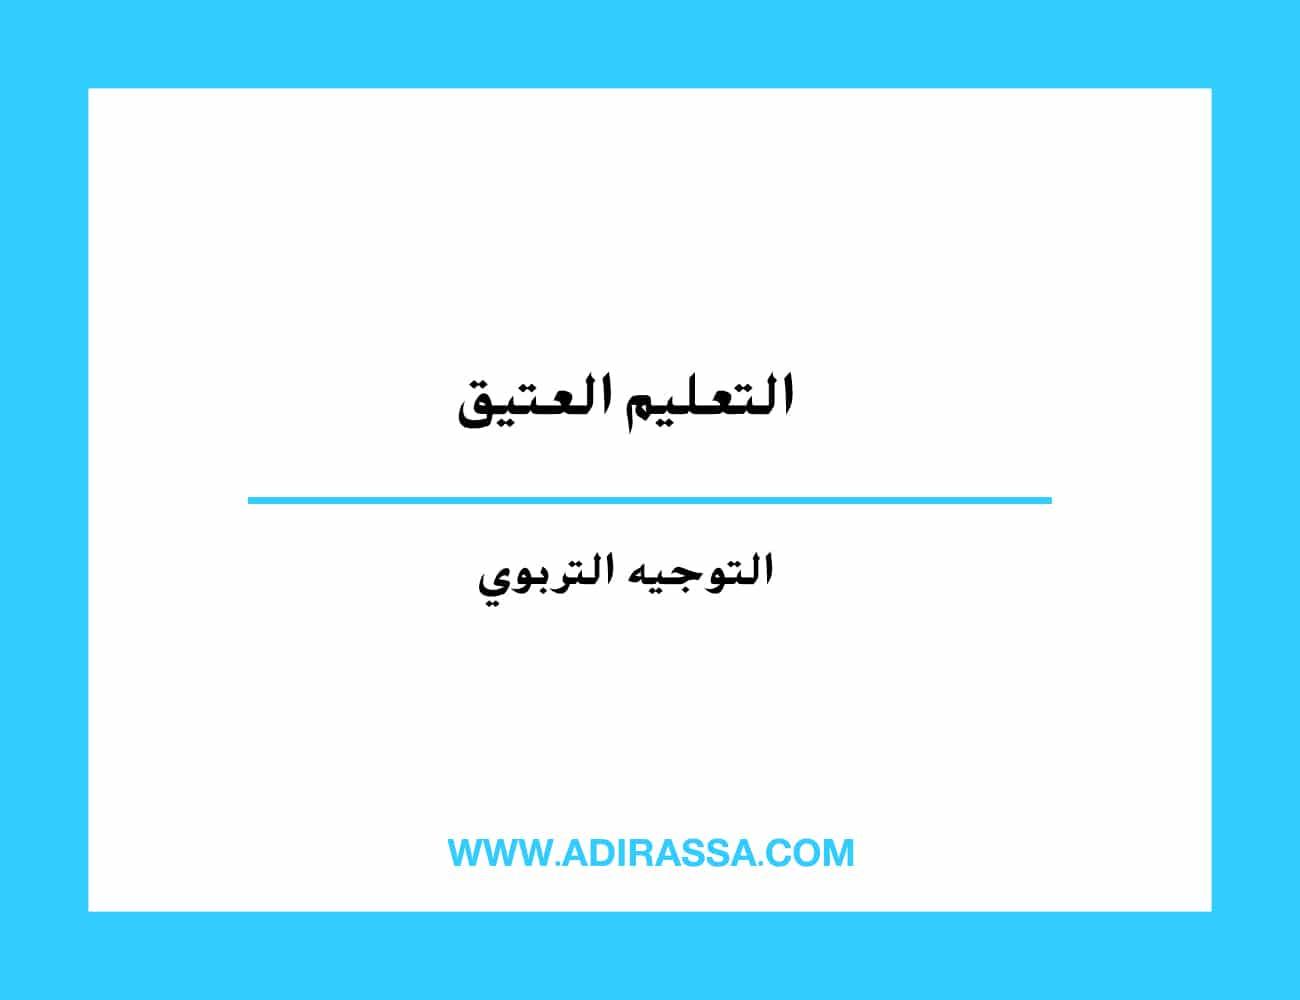 التعليم العتيق لتحصيل العلوم والشرعية وإغنائها بالعلوم الحديثة بالمملكة المغربية